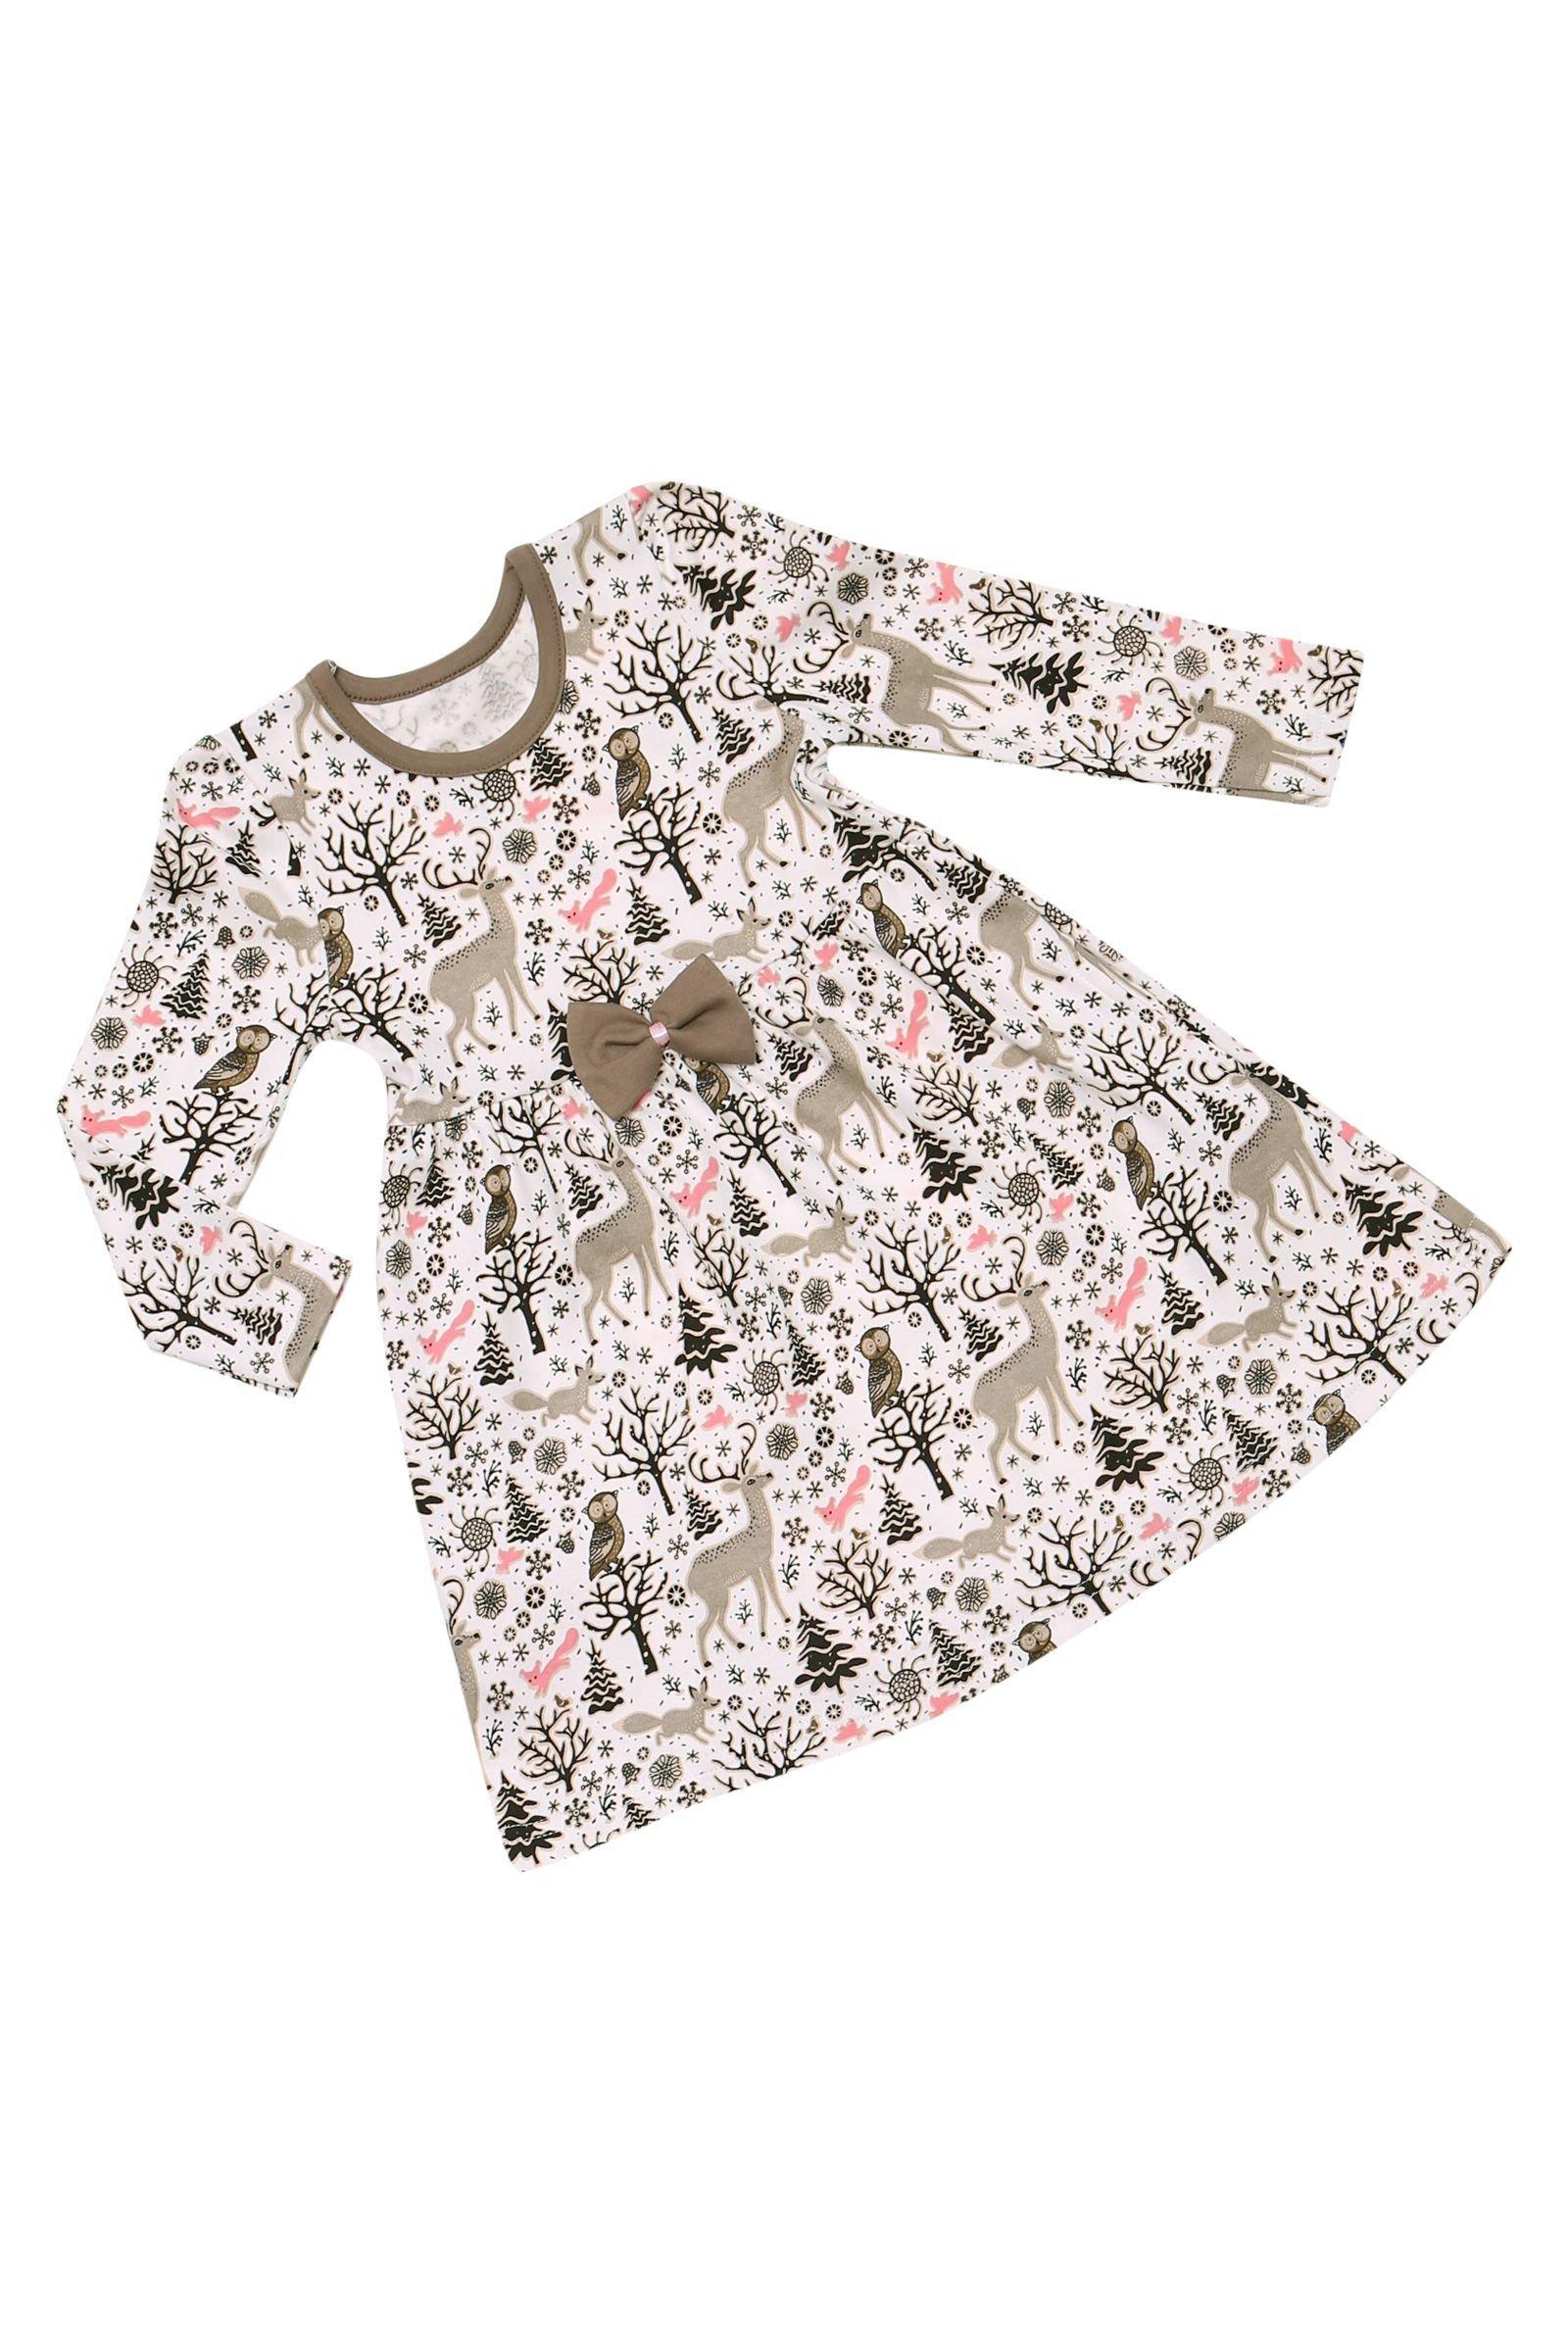 Платье для девочки ALLAL01-2480-2